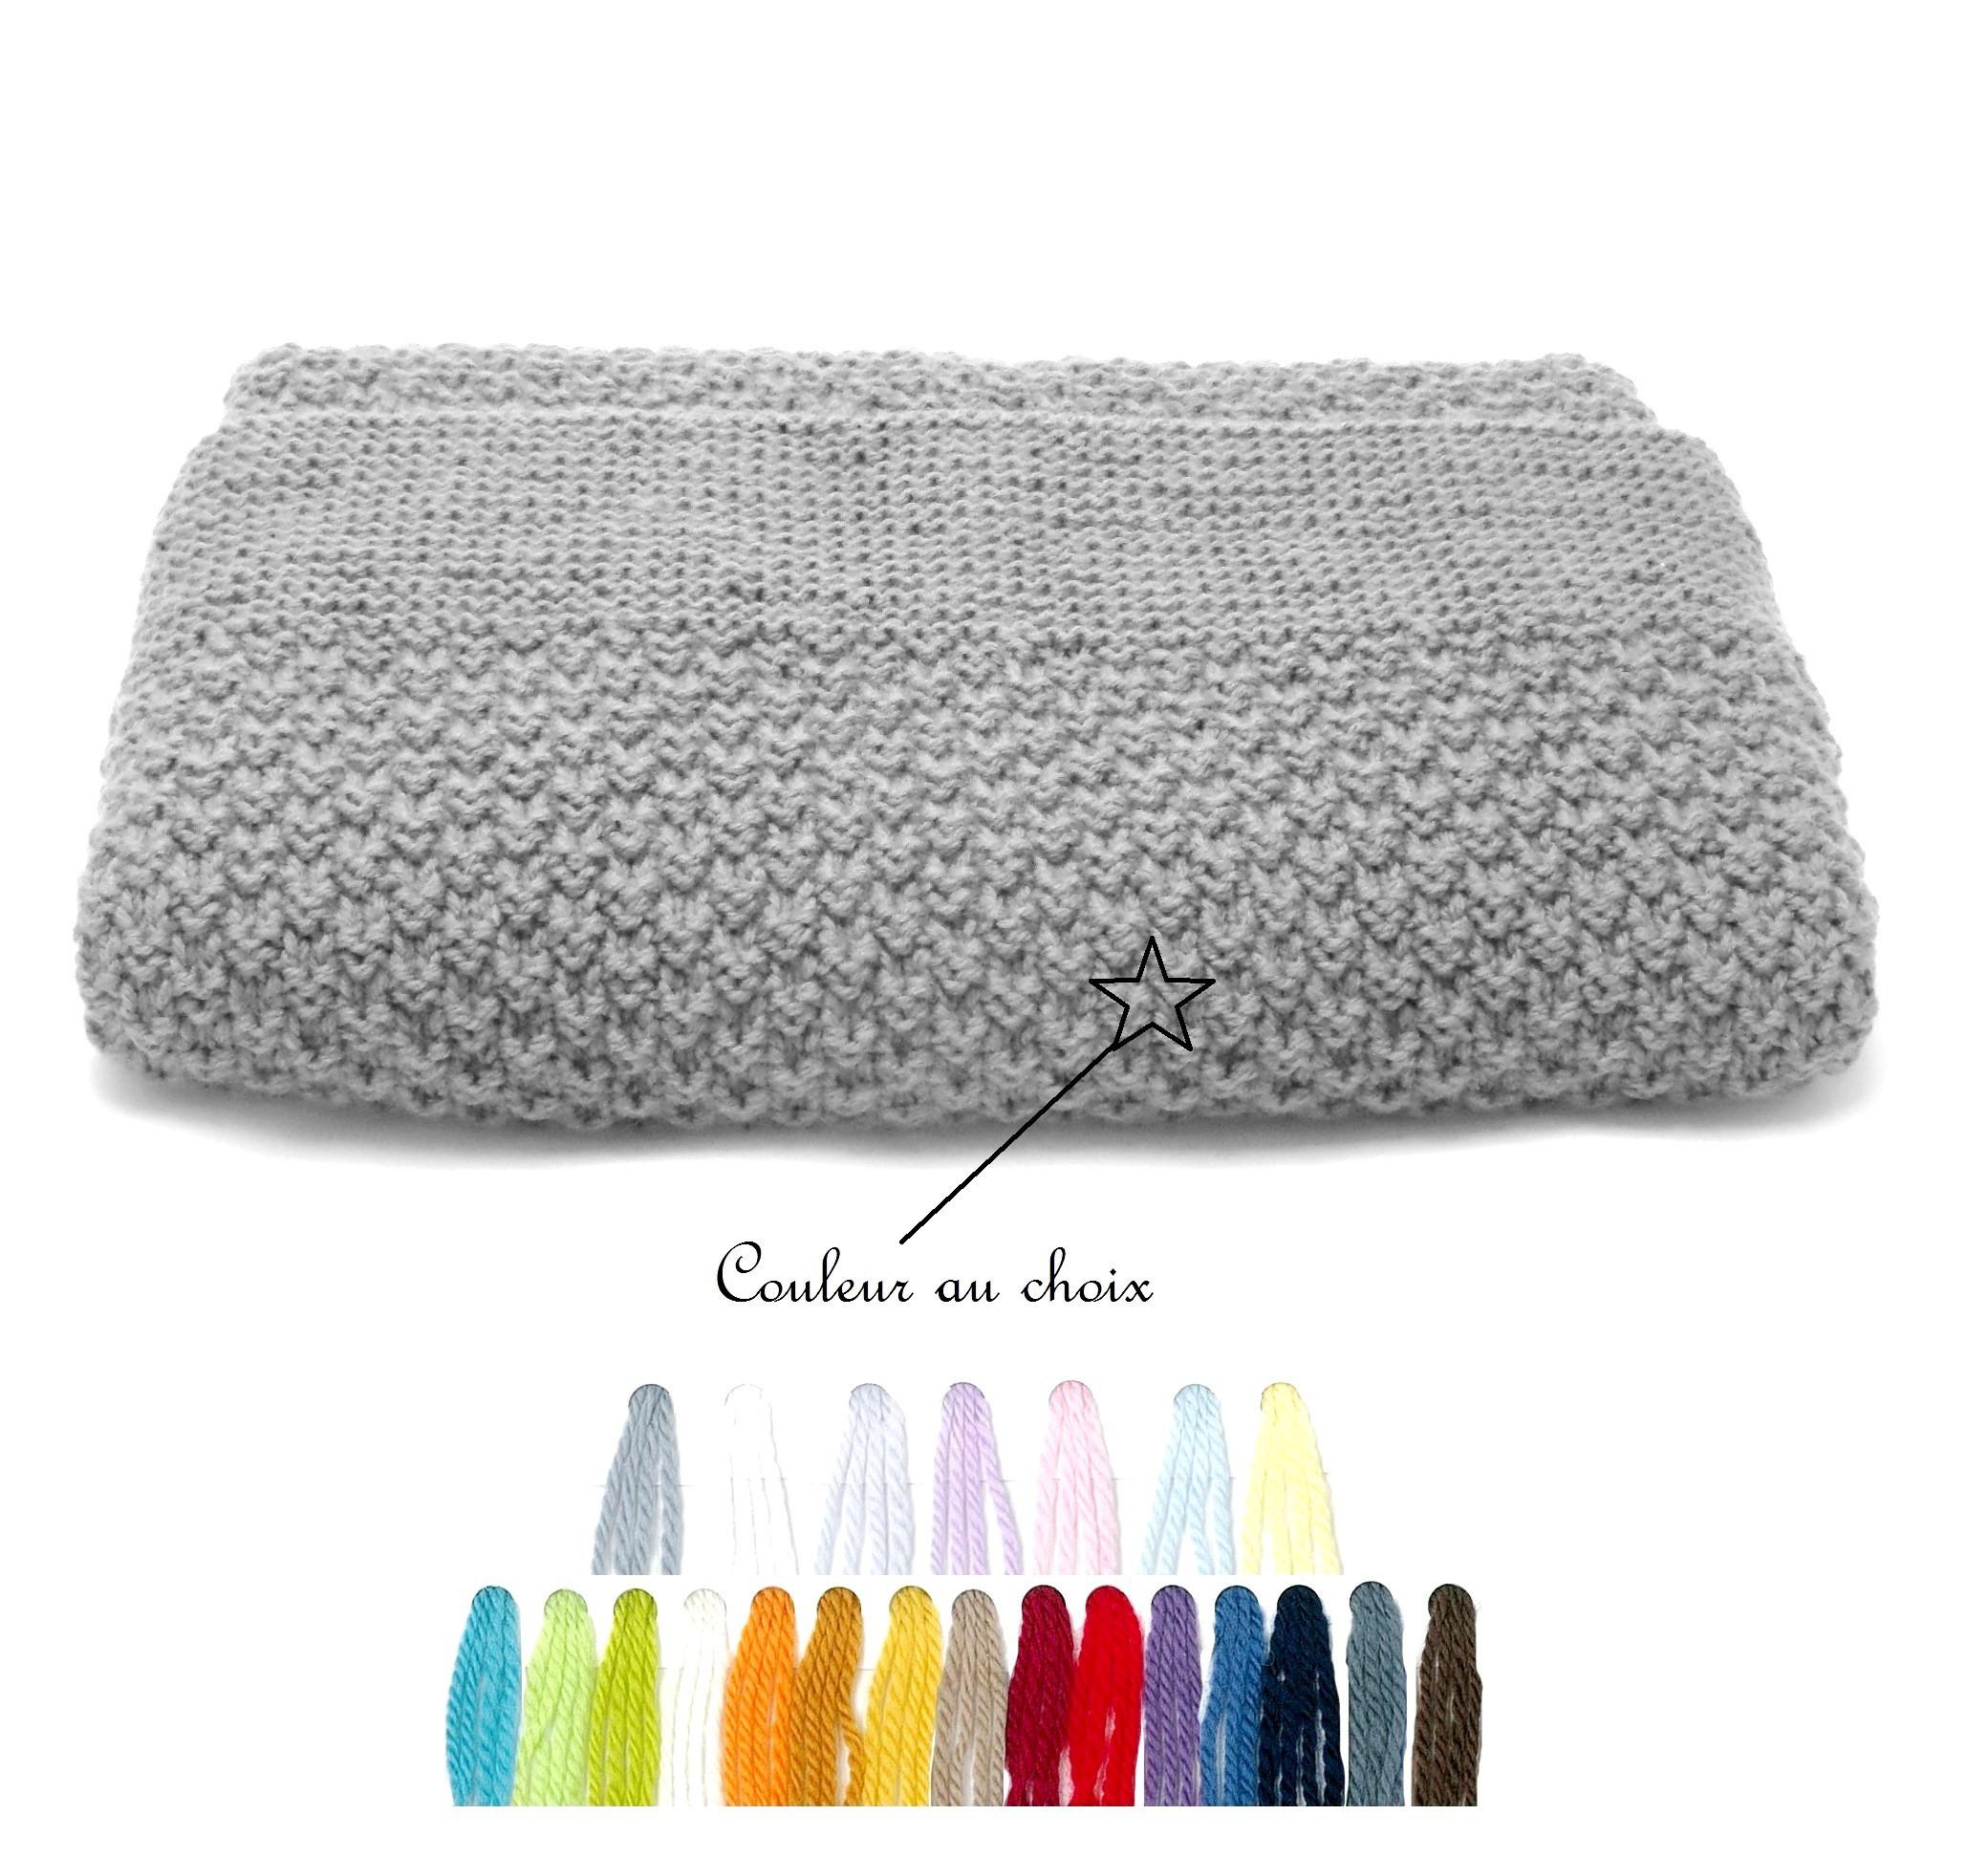 couverture bébé en laine couverture épaisse bébé tricotée main 100% laine mérinos naturel couverture bébé en laine